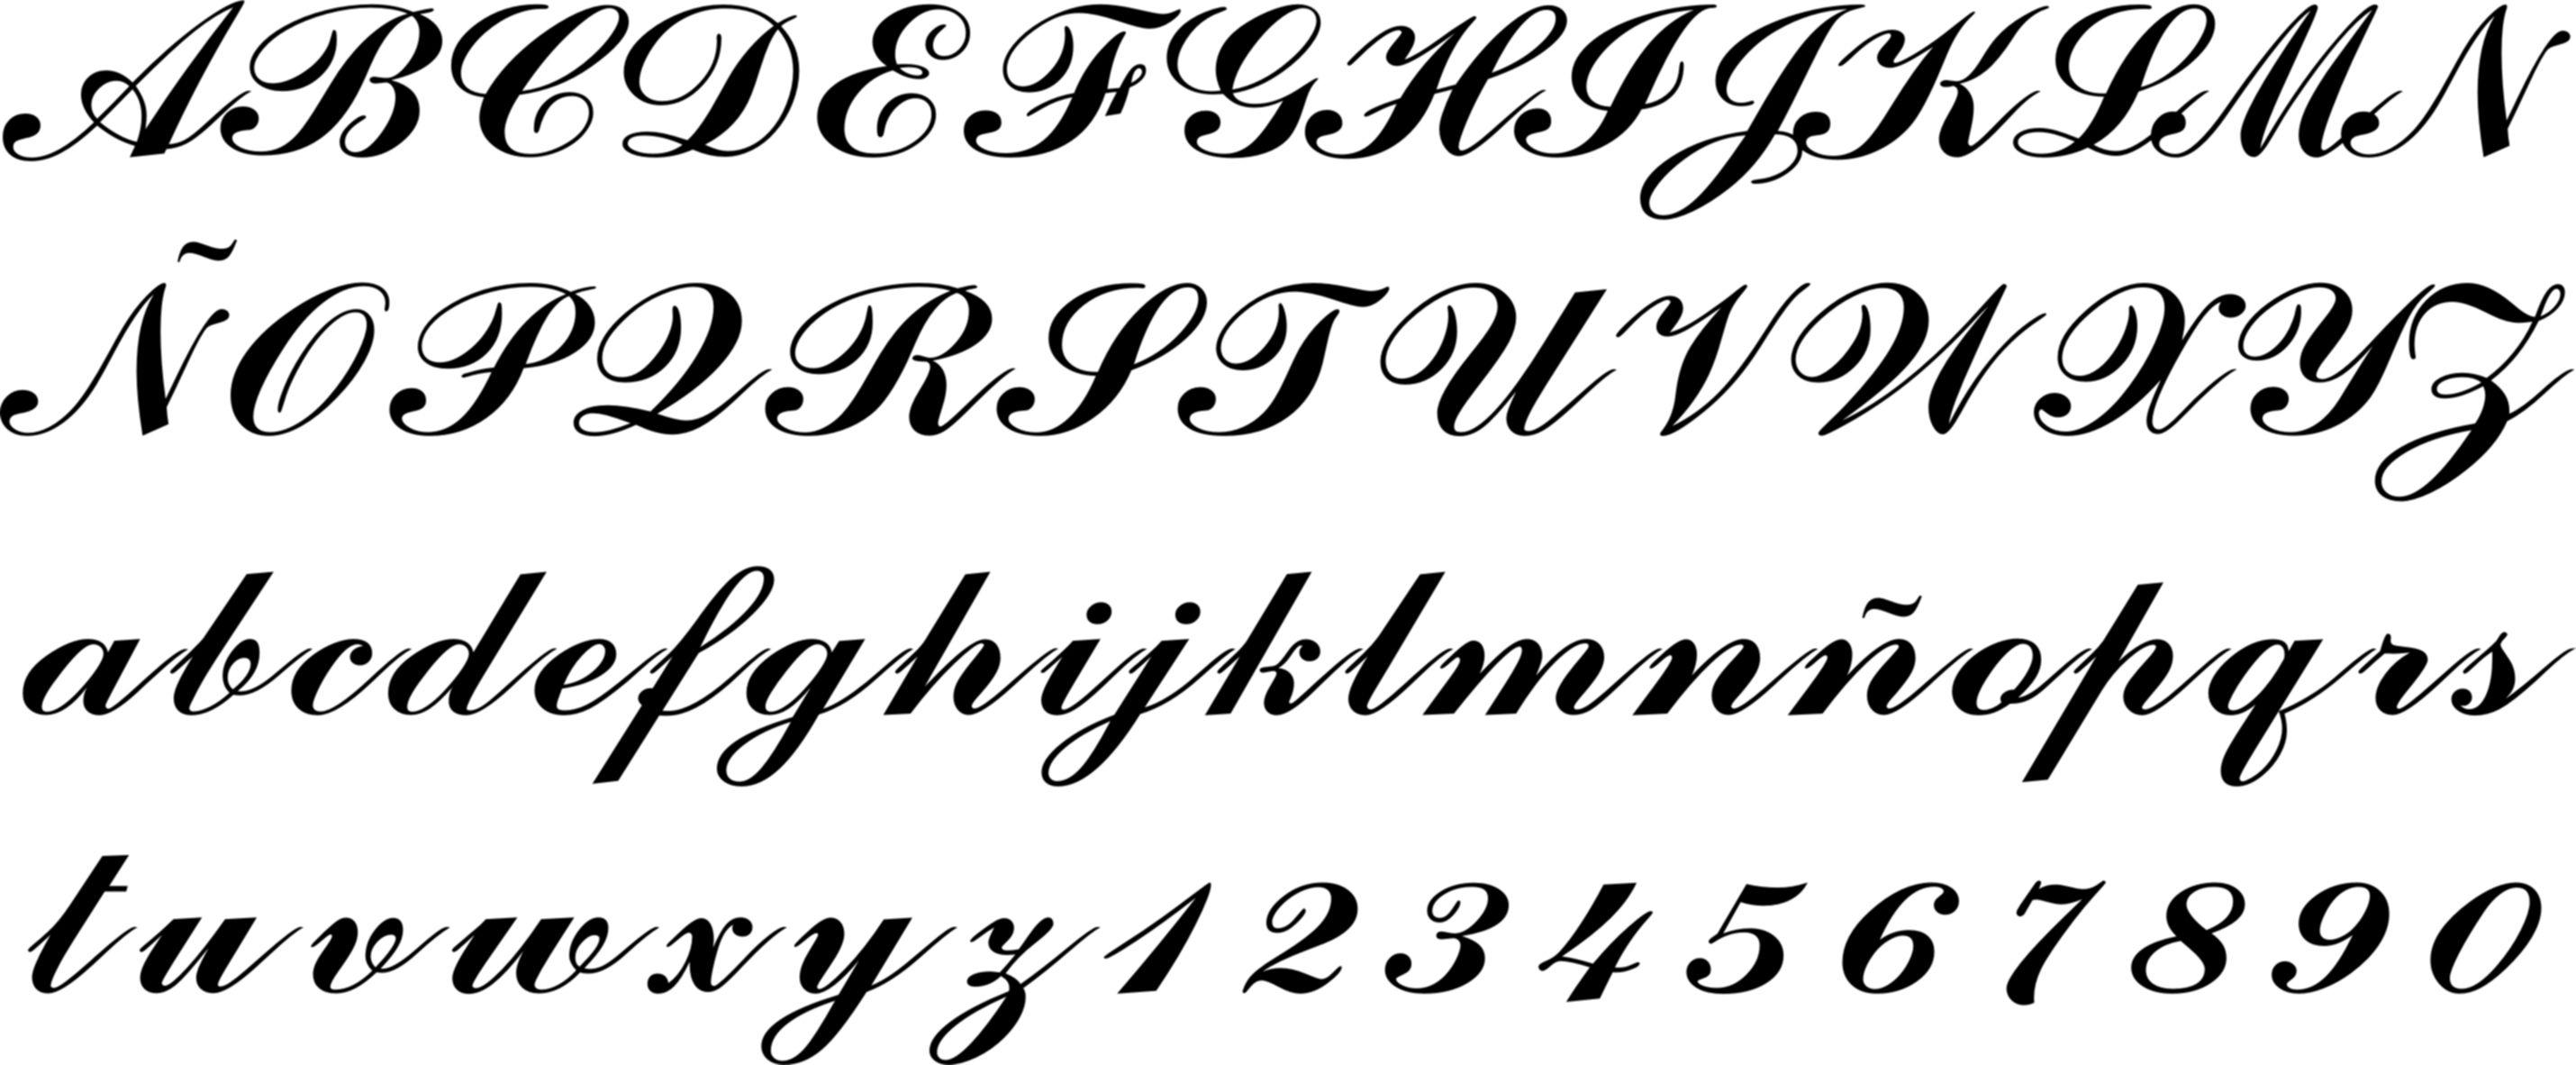 Misdibujosfavoritos Com Moldes De Letras Cursiva Tipos De Letras Letras Bonitas Para Tatuajes